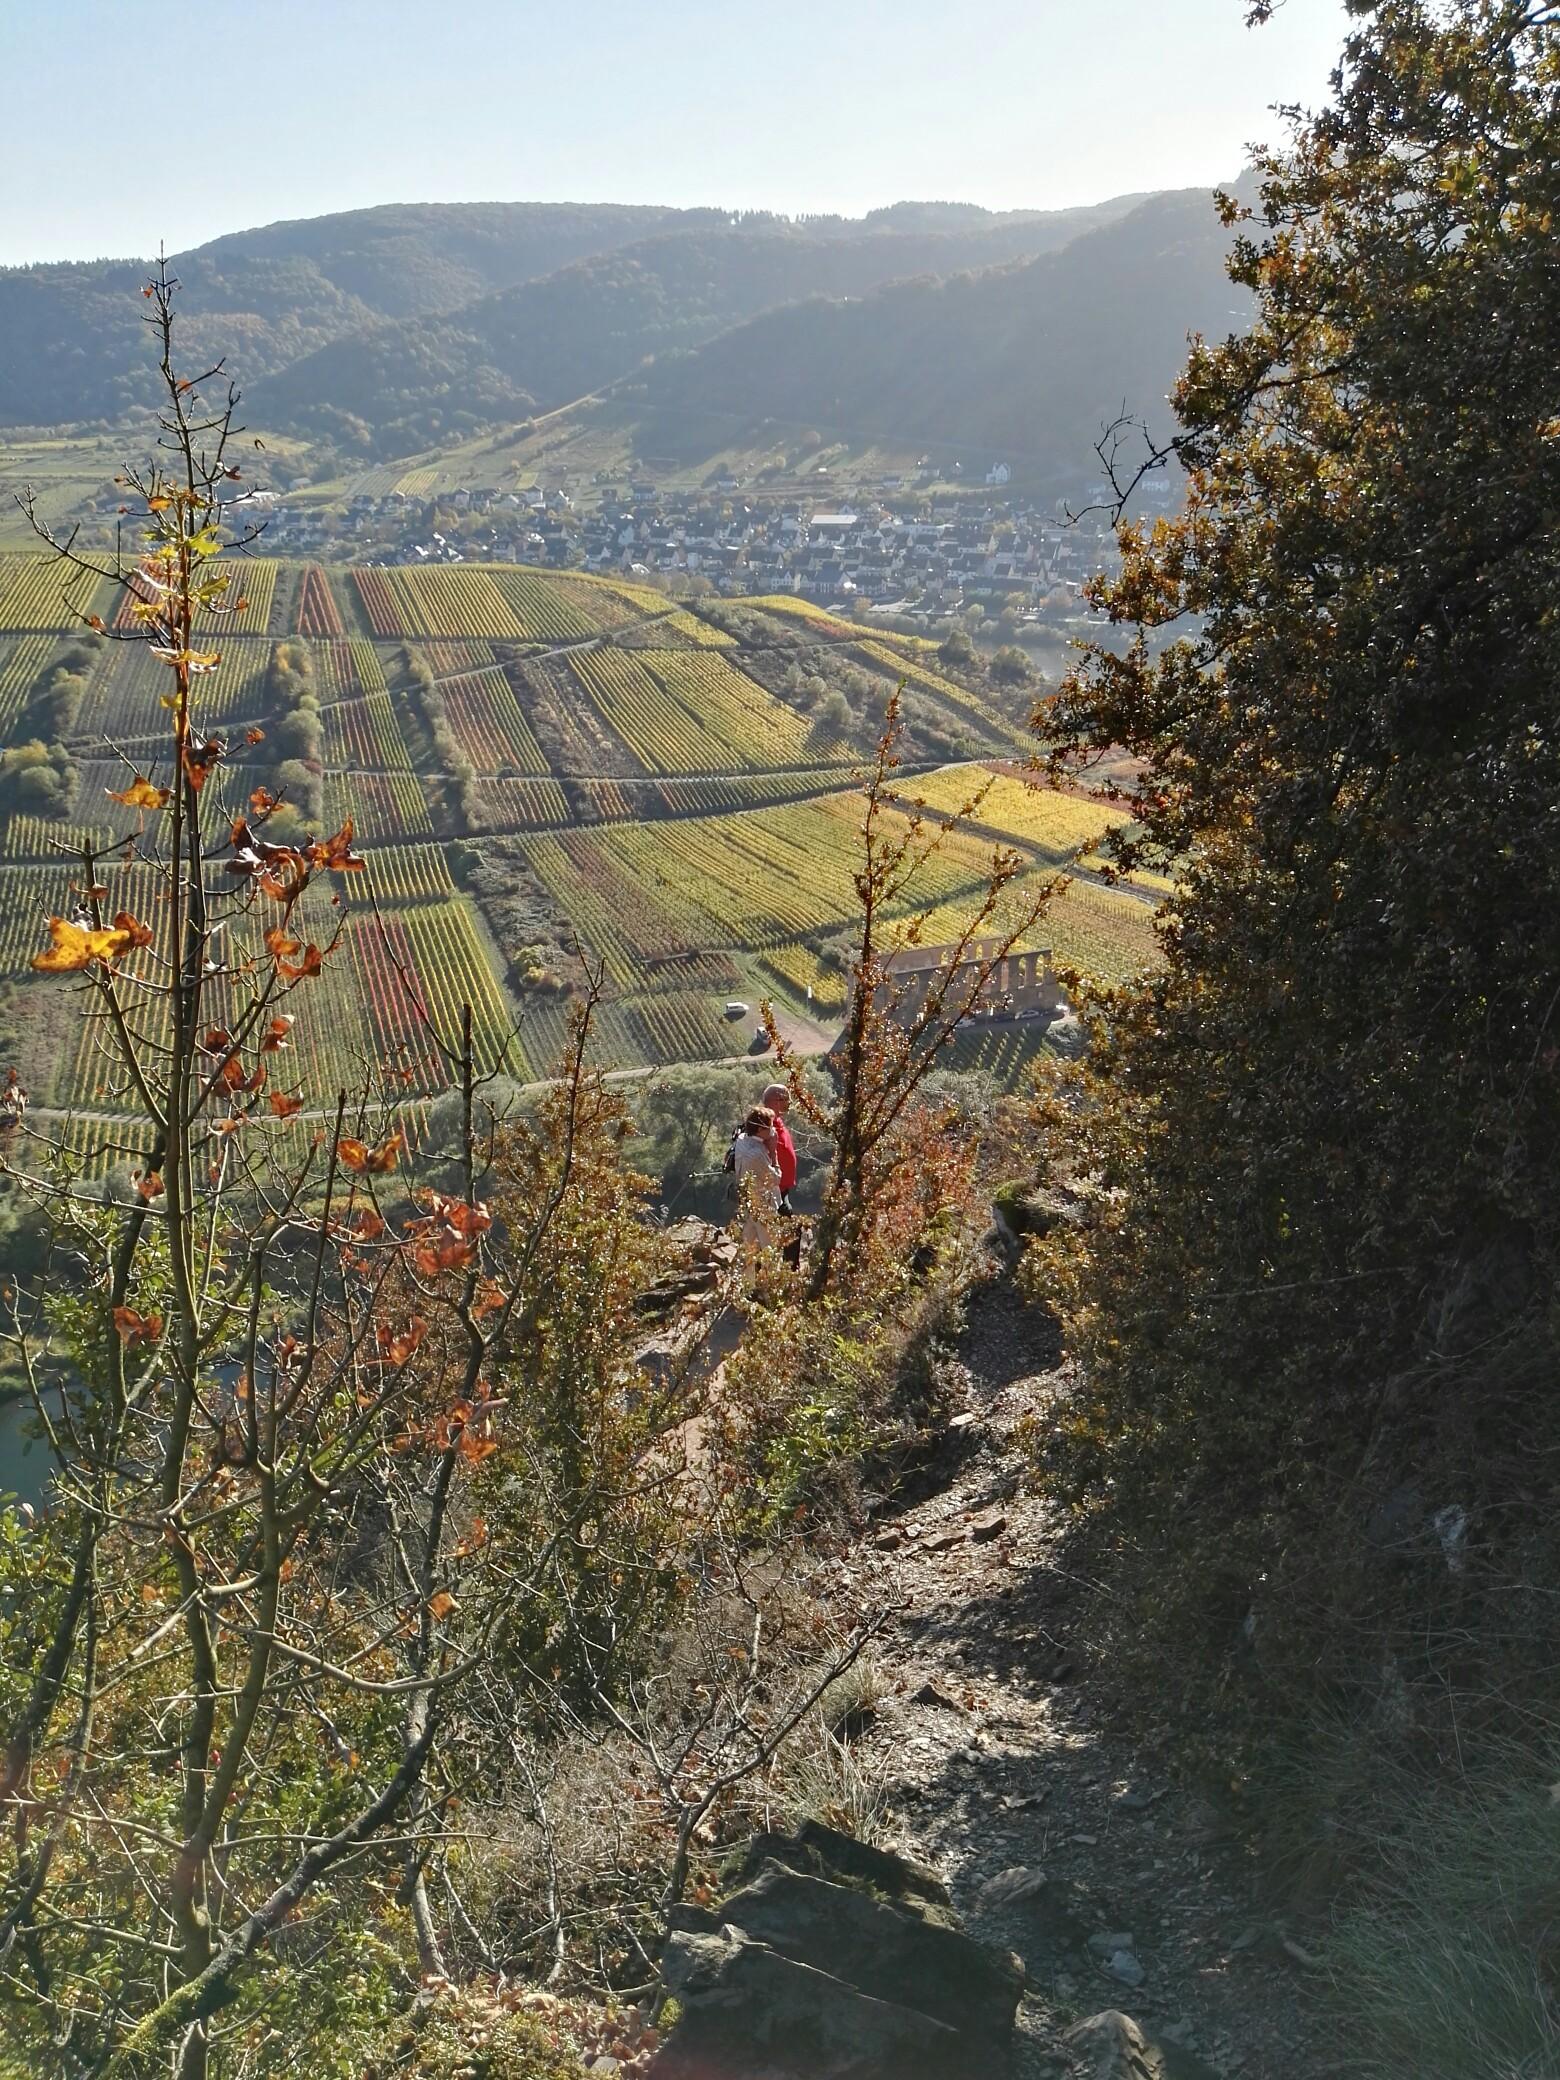 Klettersteig Cochem : Calmont klettersteig und höhenweg km auf augenhöhe mit dem